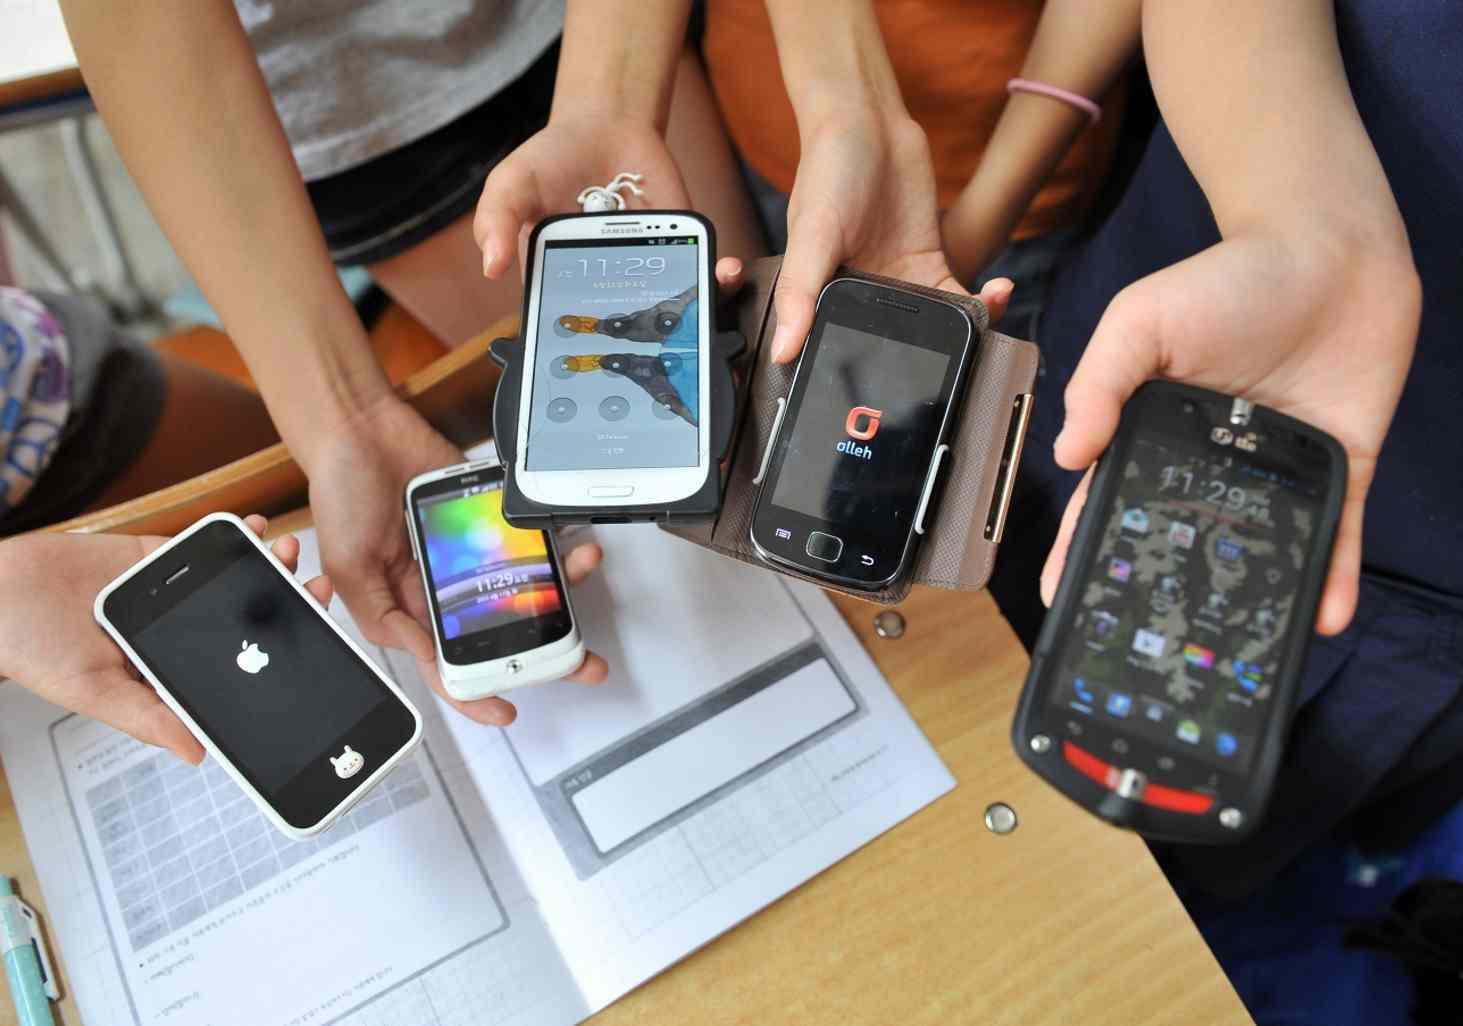 nuzhen-li-zapret-na-ispolzovanie-smartfonov-v-klasse